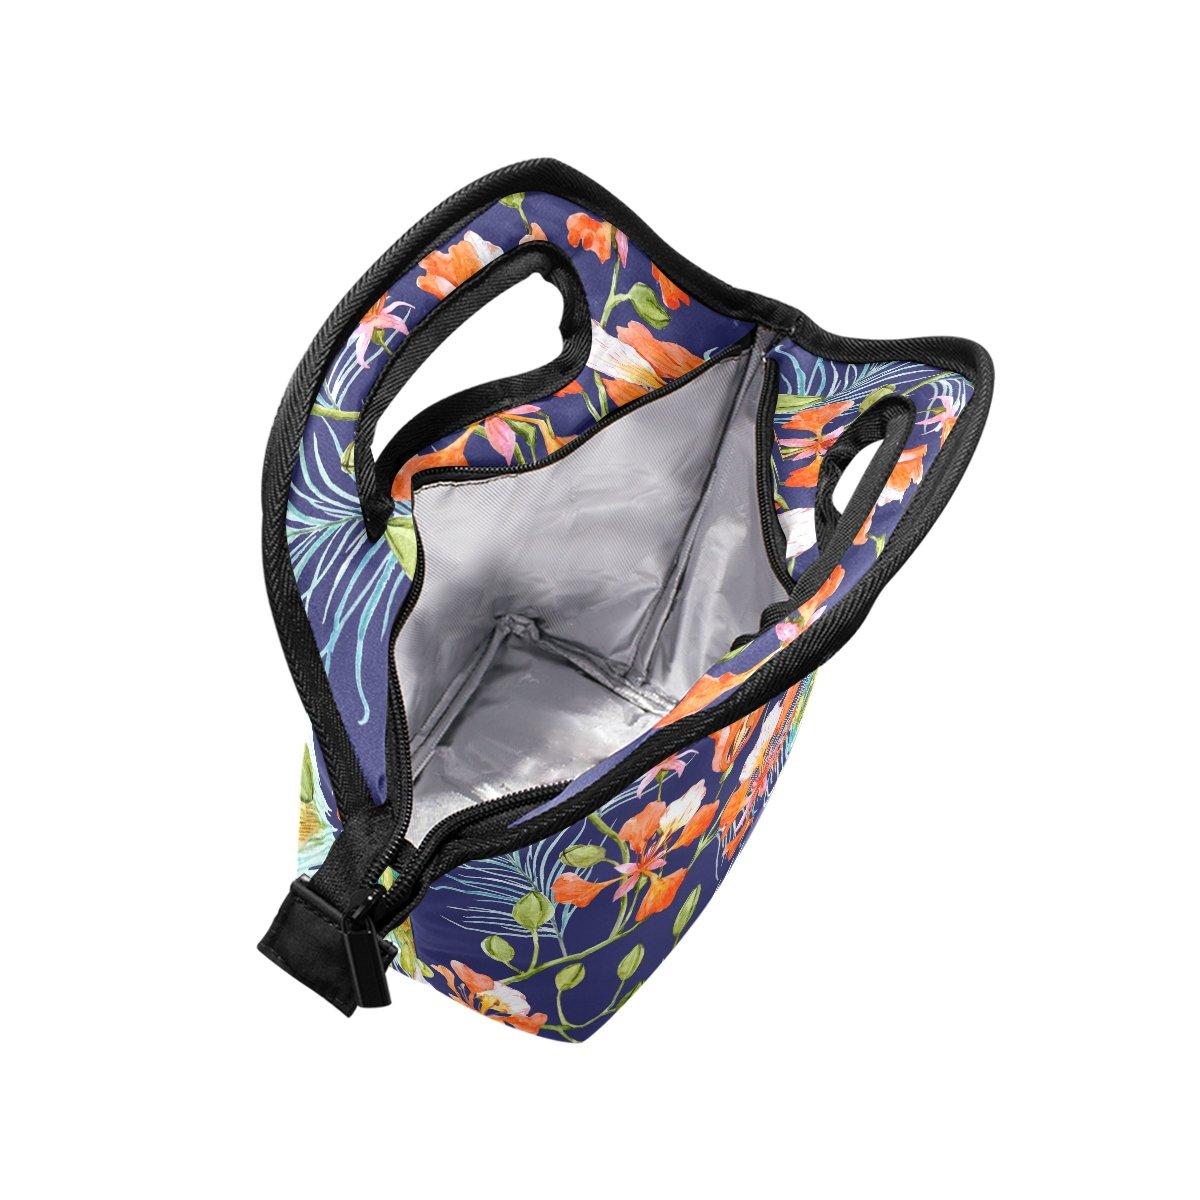 jstel Pfauenfeder FLOWER Lunch Bag Handtasche Lunchbox Frischhaltedose Gourmet Bento Coole Tote Cooler Warm Tasche f/ür Reisen Picknick Schule B/üro